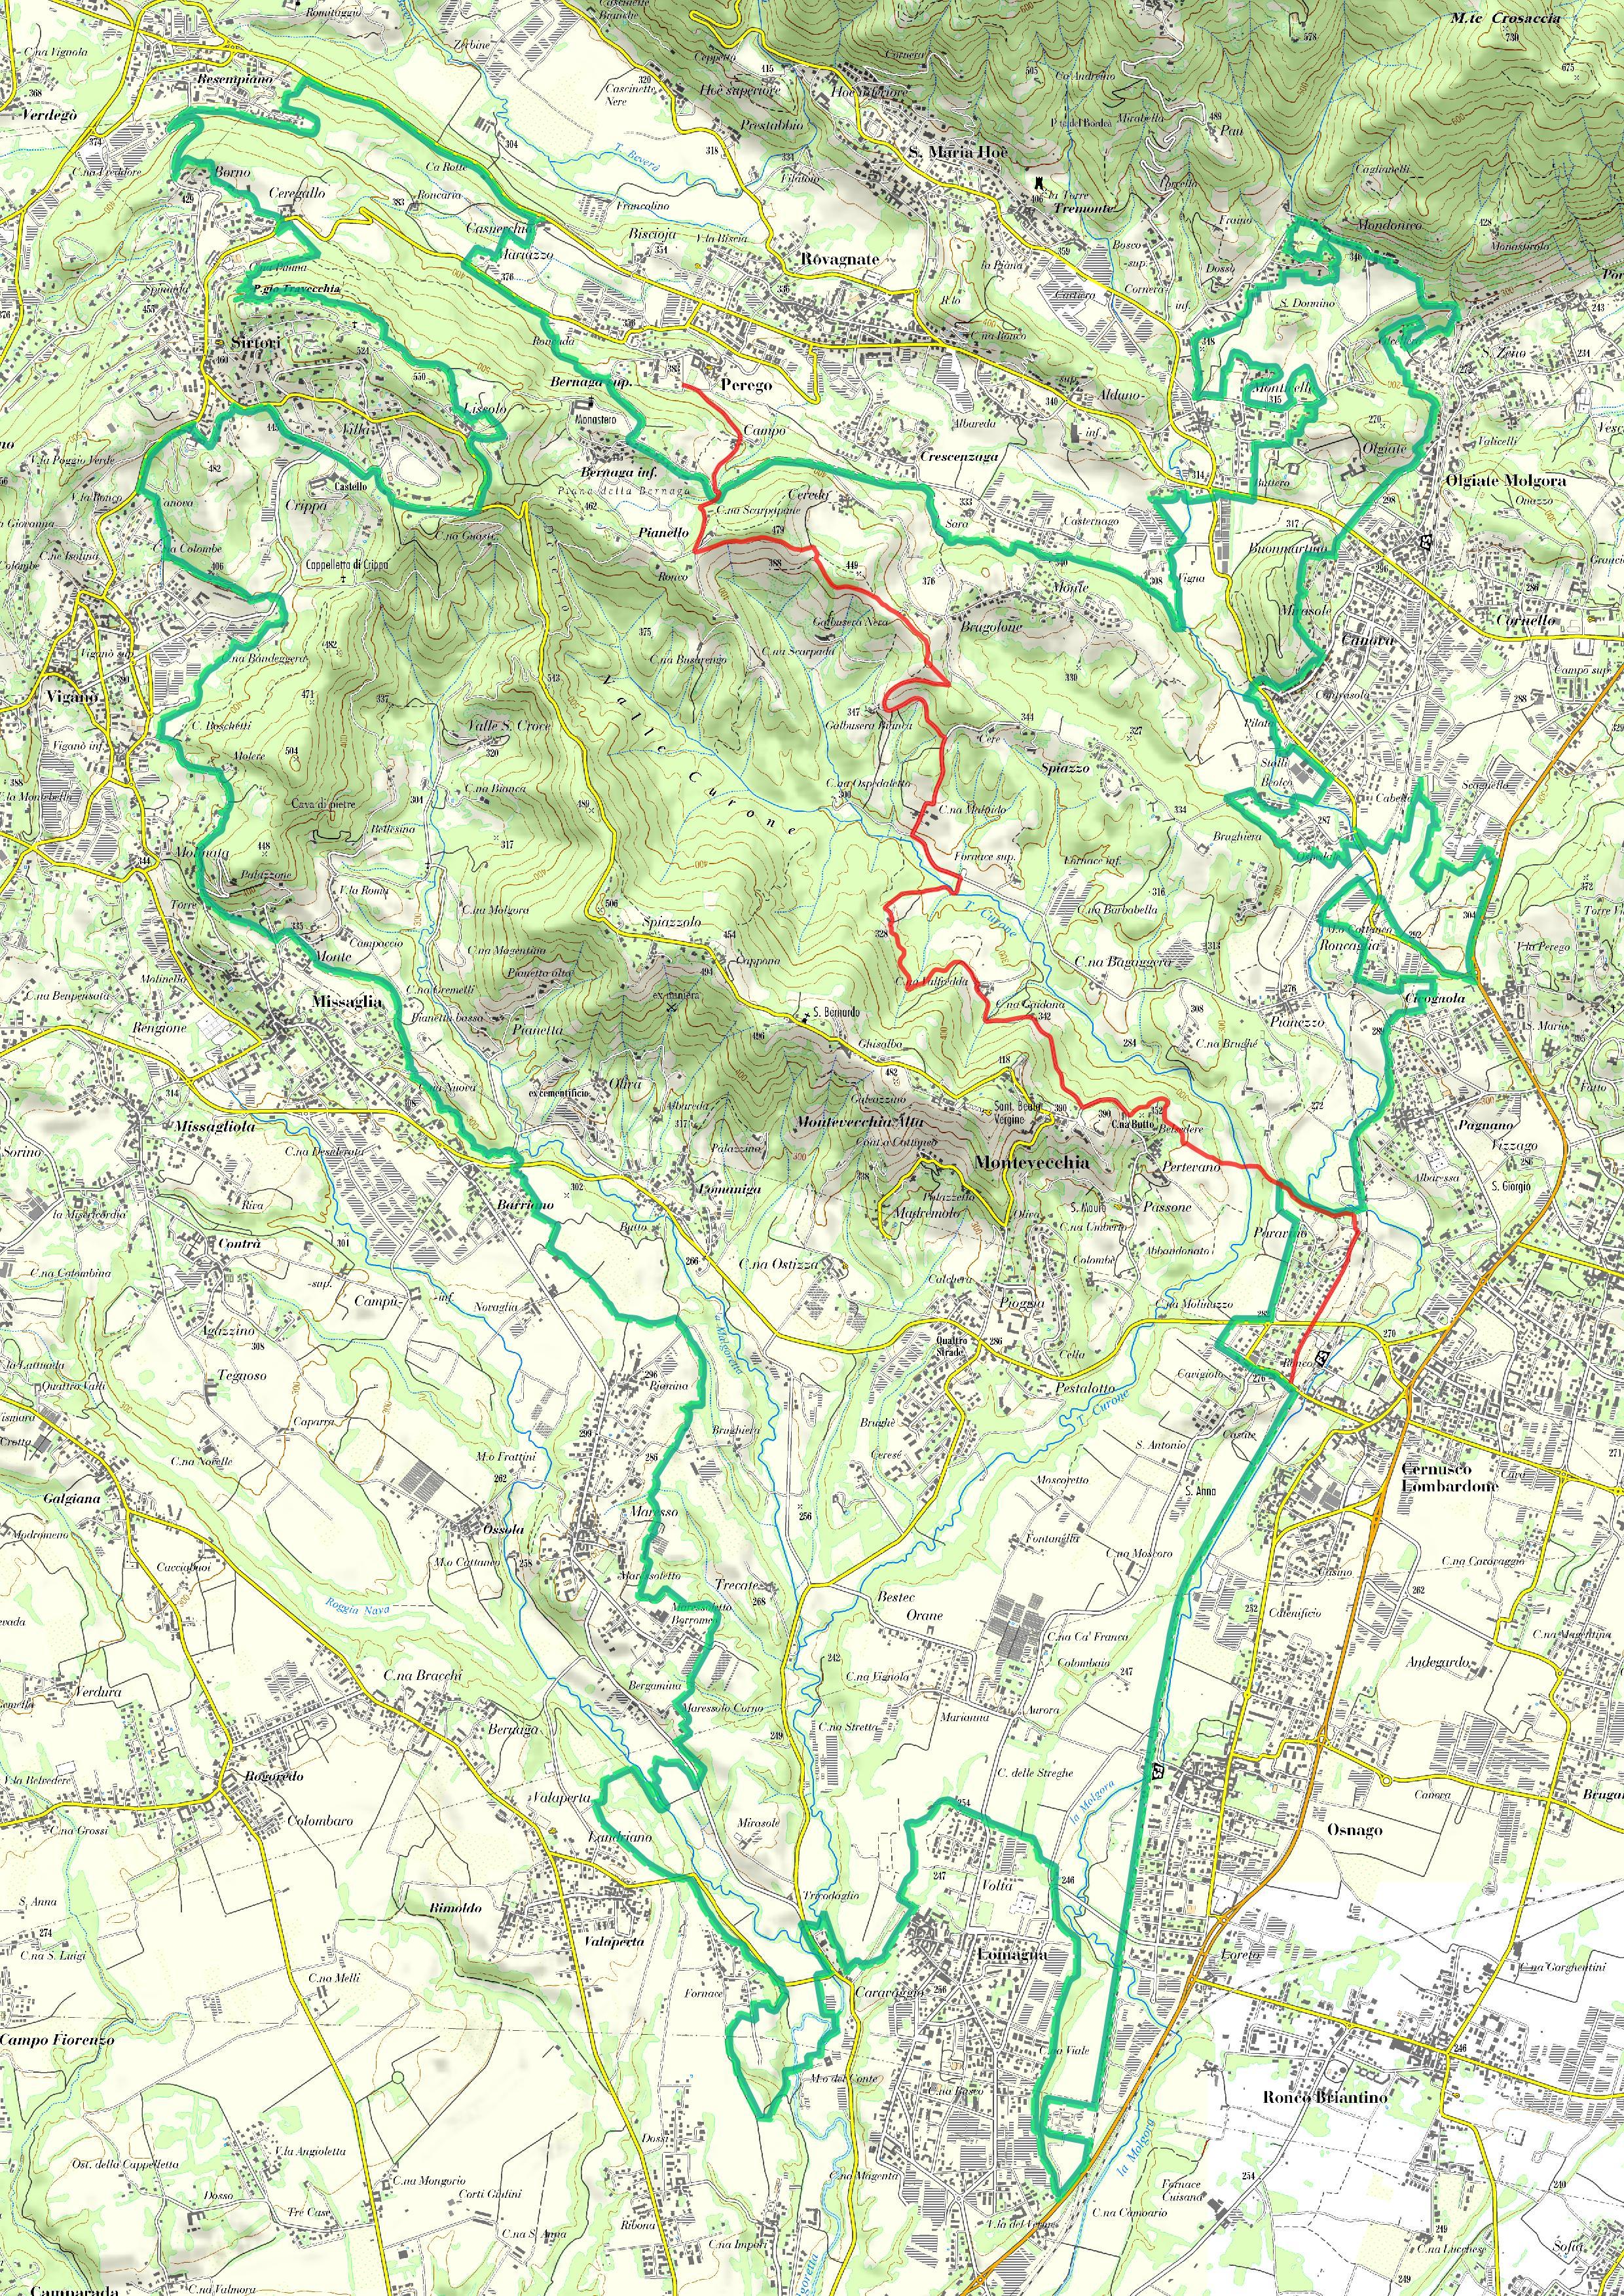 Parco di montevecchia fruizione sentieri sentiero for Perego arredamenti cernusco